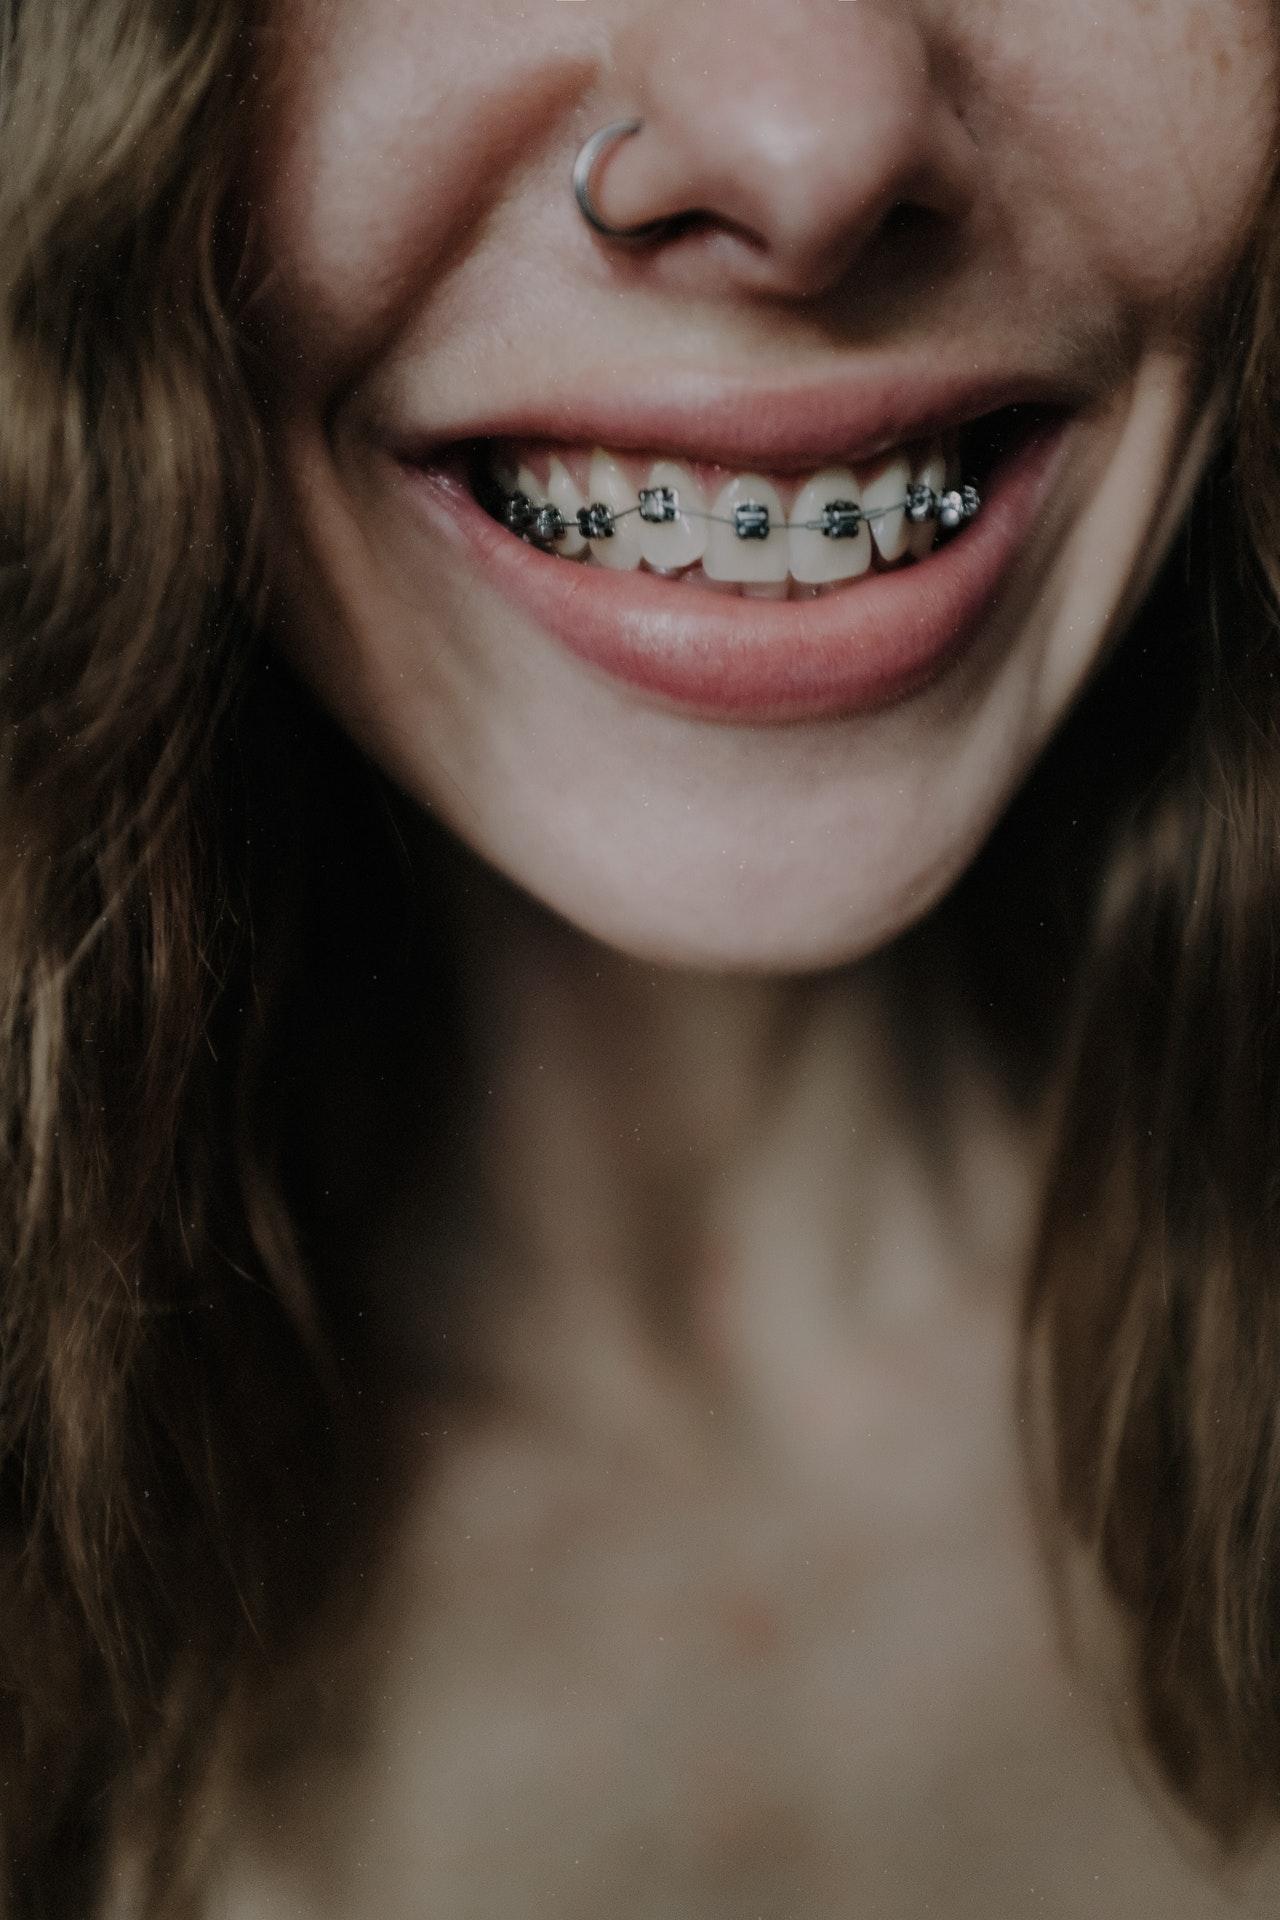 Tipos de ortodoncia y precios brackets metálicos